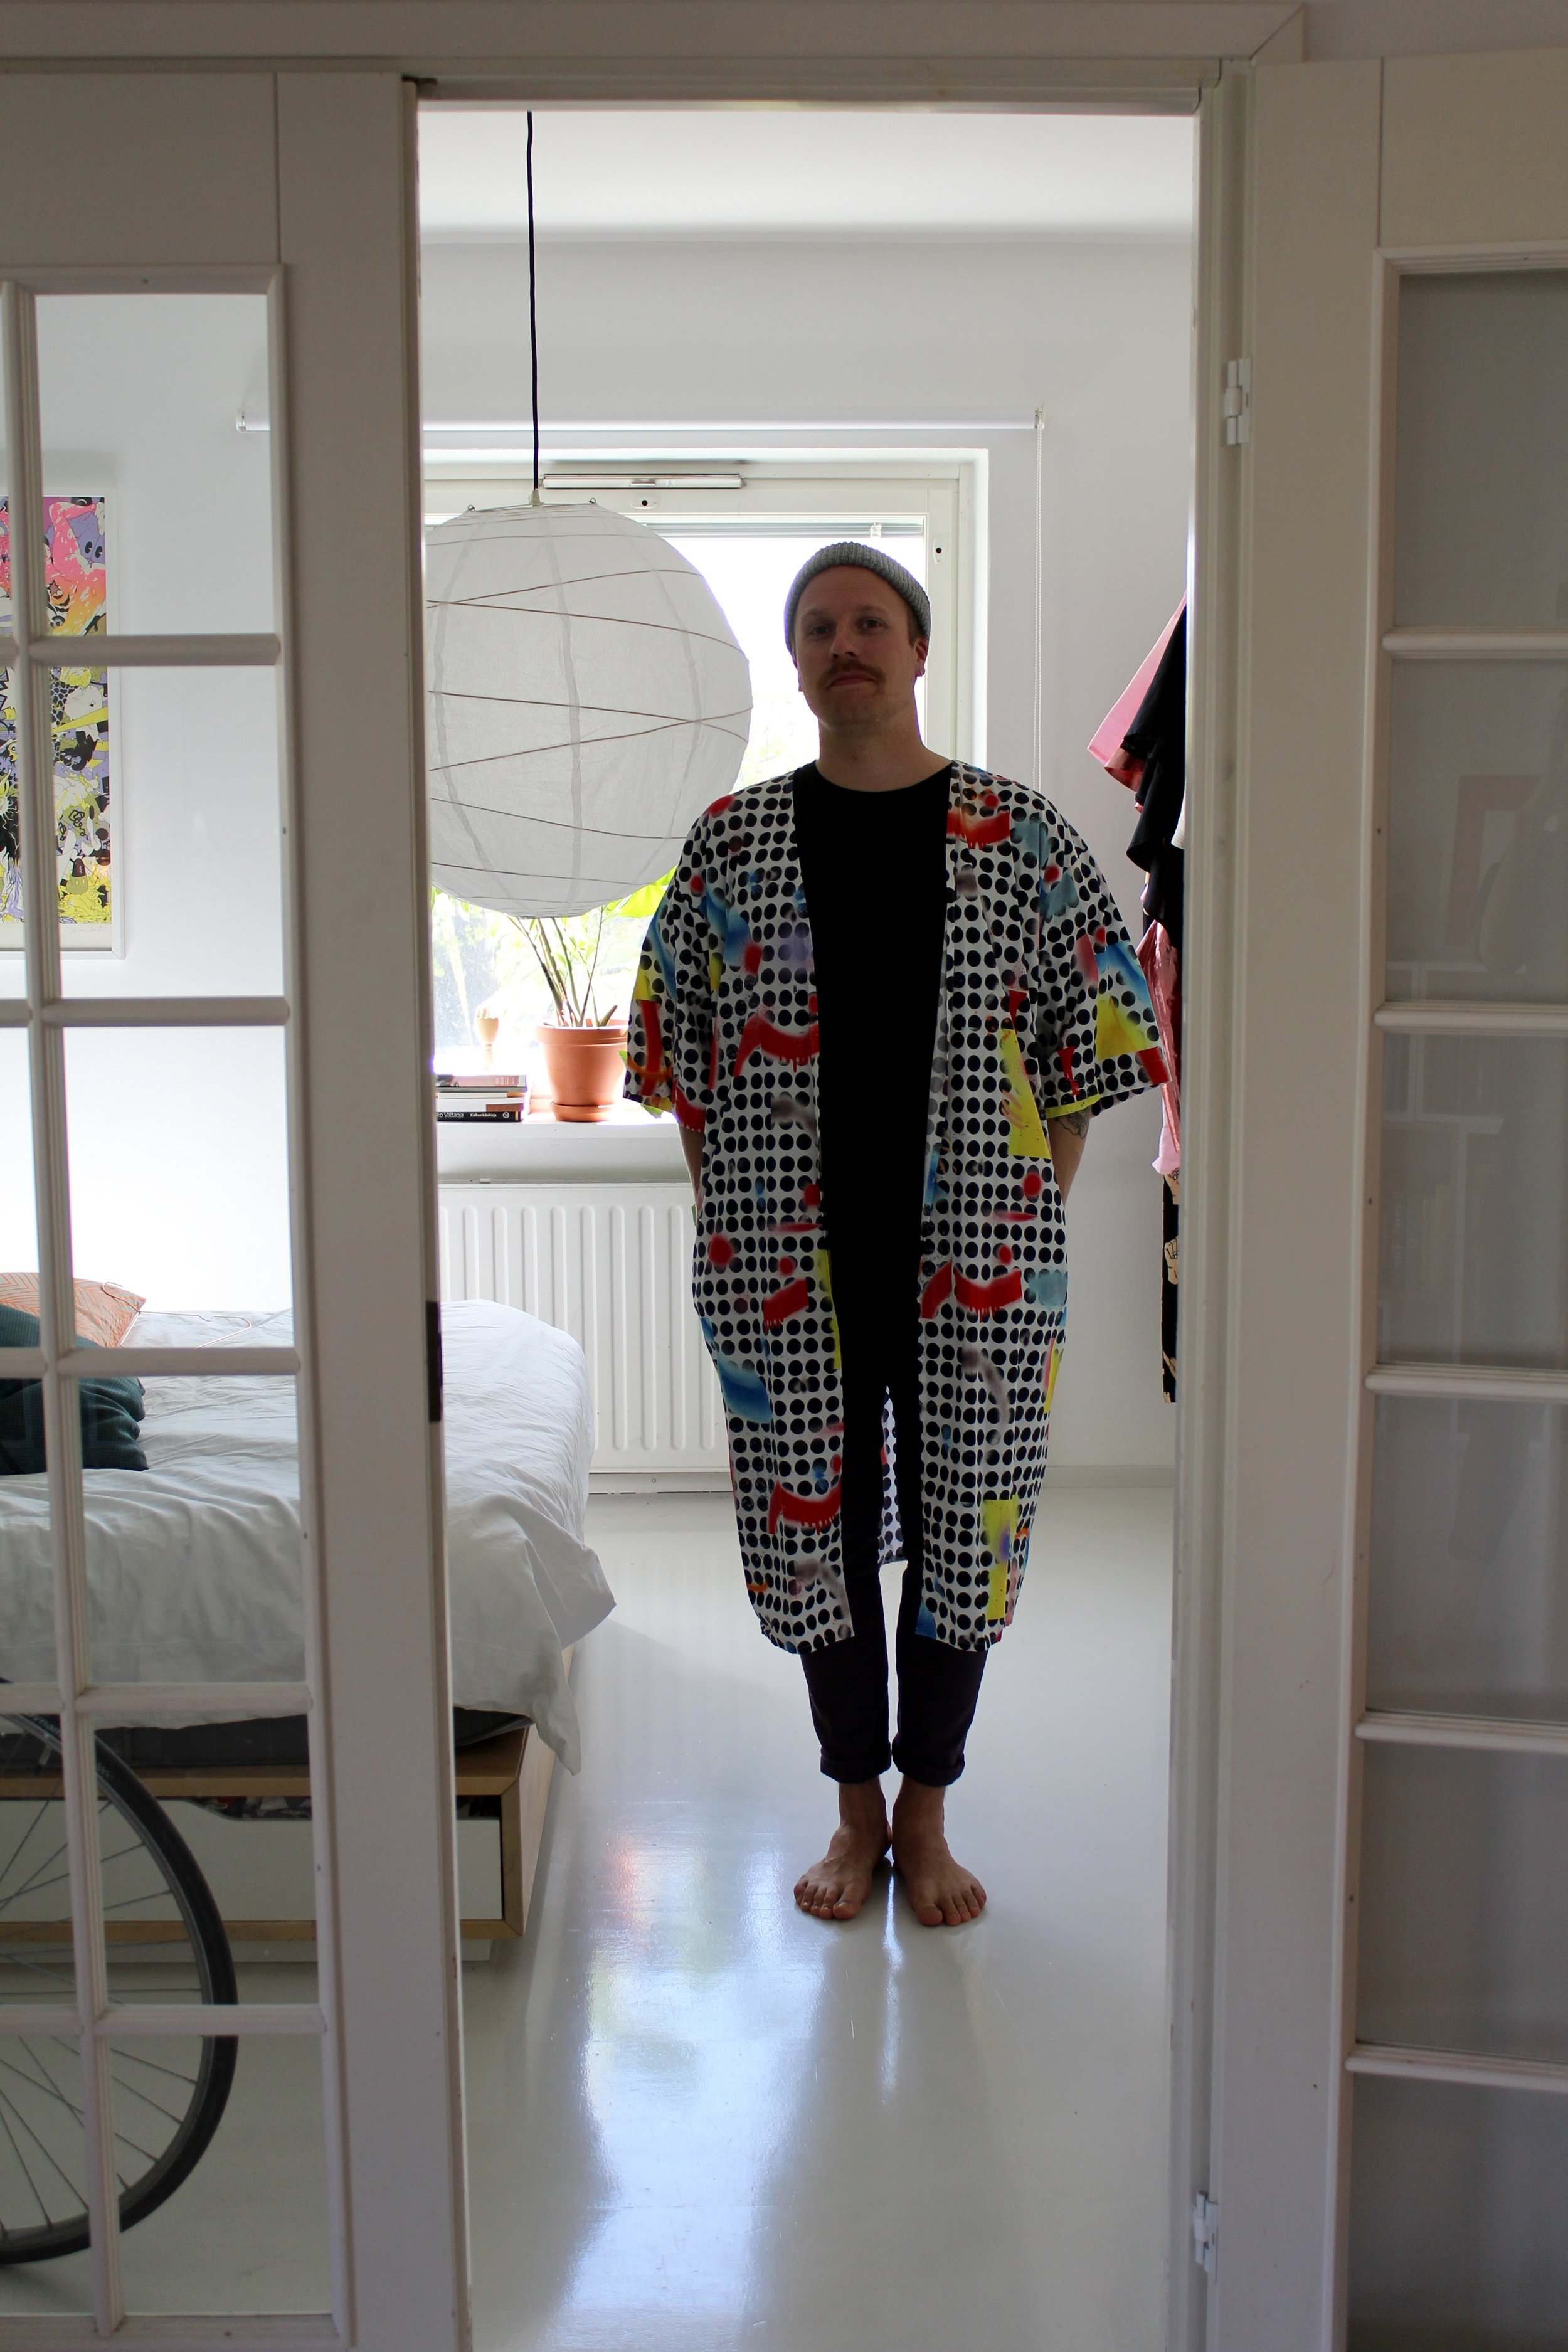 Ahtisen Vimmalle suunnittelemat printit ovat iloisia ja värikkäitä. Kuvassa hänellä on yllään aiemmasta mallistosta tuttu, omalla printillä varustettu paita.